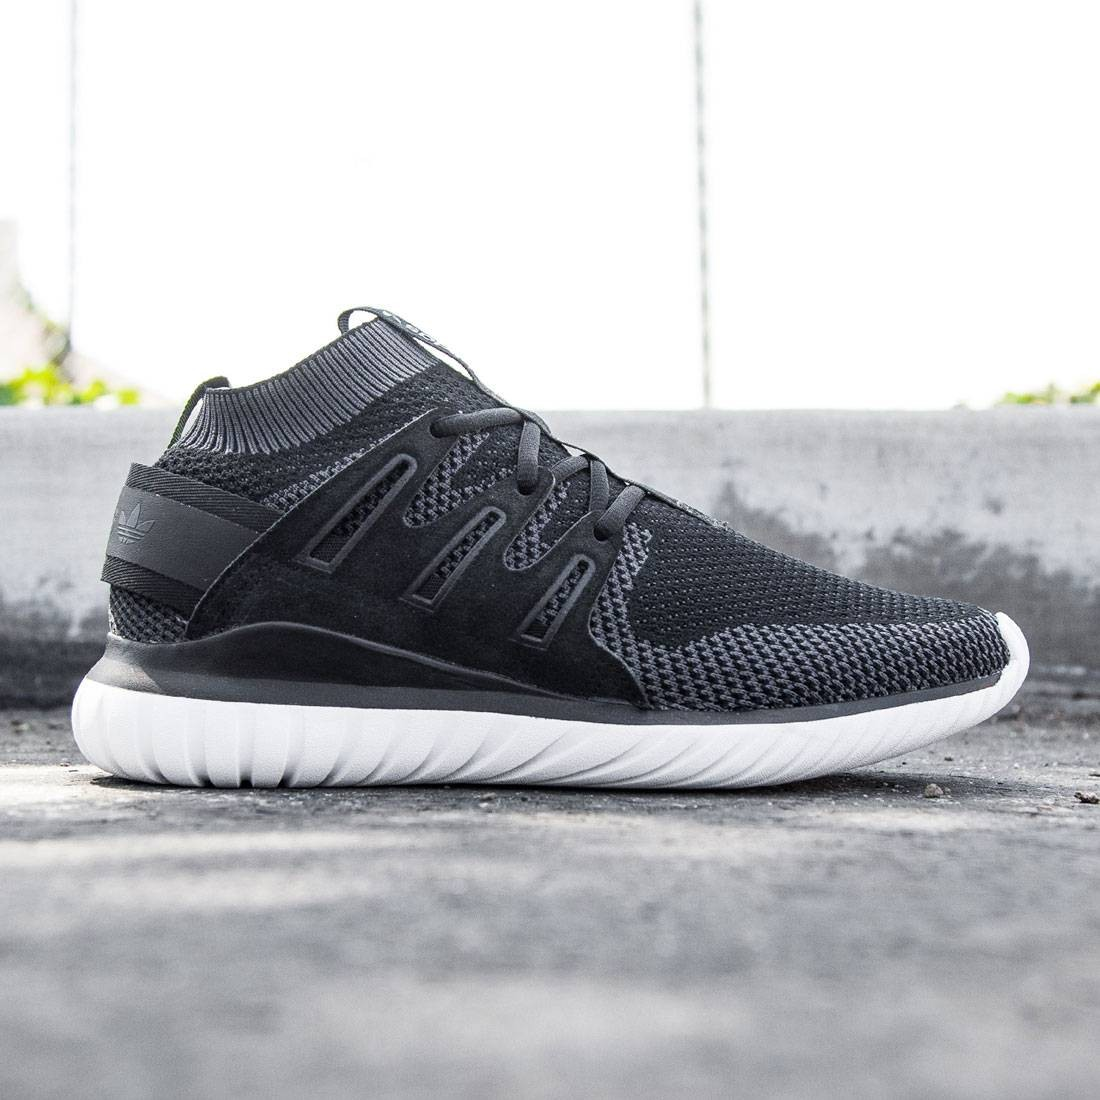 【海外限定】アディダス コア メンズ靴 靴 【 ADIDAS MEN TUBULAR NOVA PK PRIMEKNIT BLACK SHABLK CORE 】